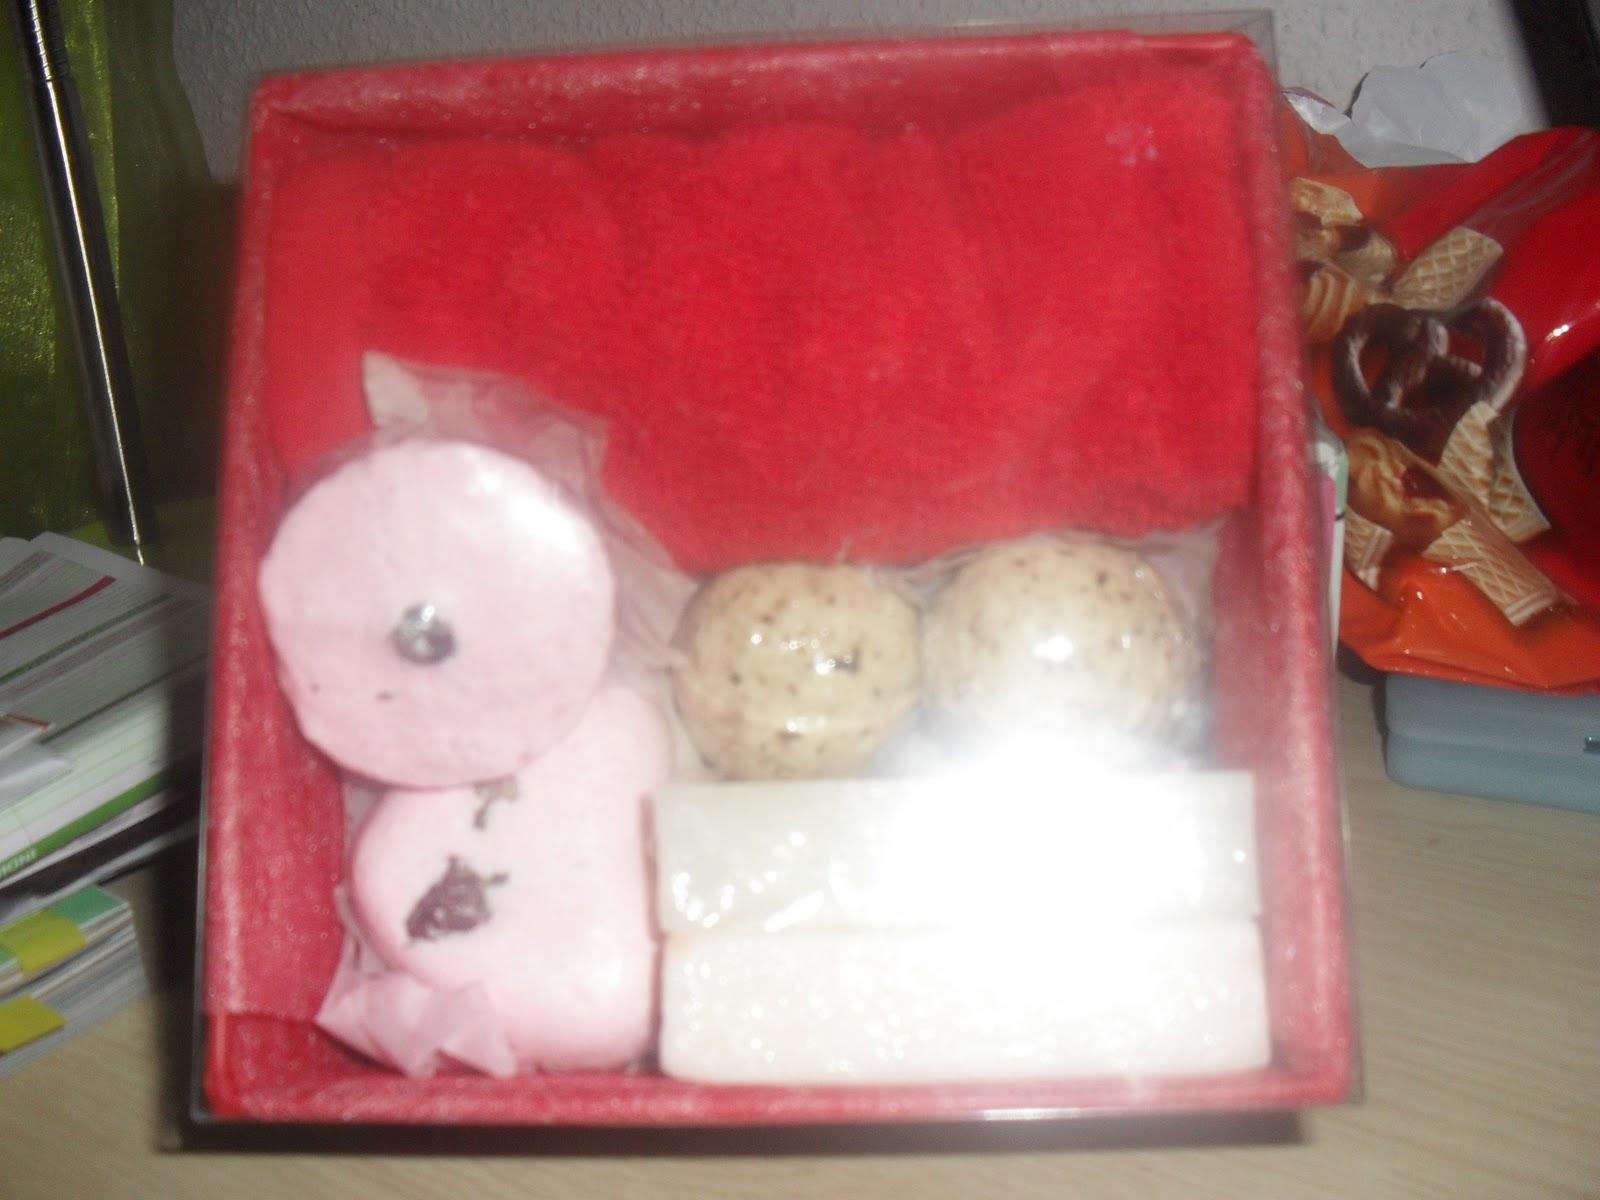 Set De Baño Mercadona: de jabón de rosas,una pastilla de jabón de fresas y una toalla de